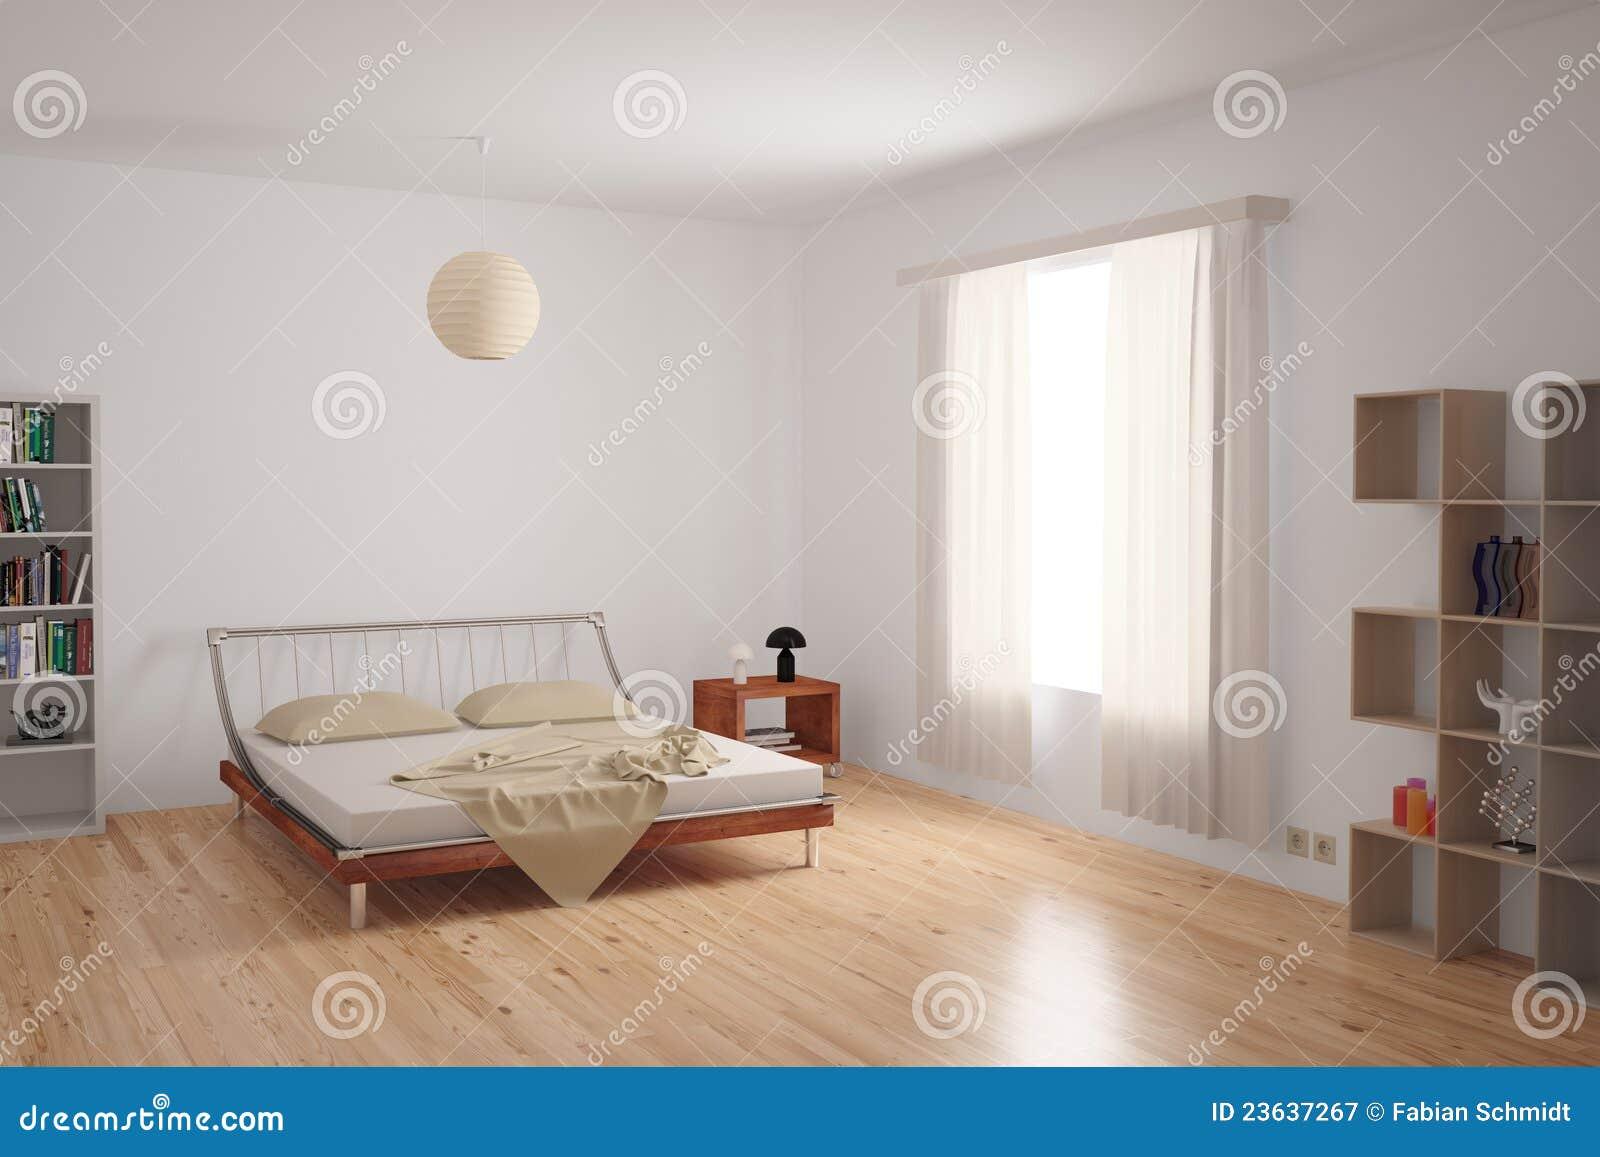 Interiore moderno della camera da letto